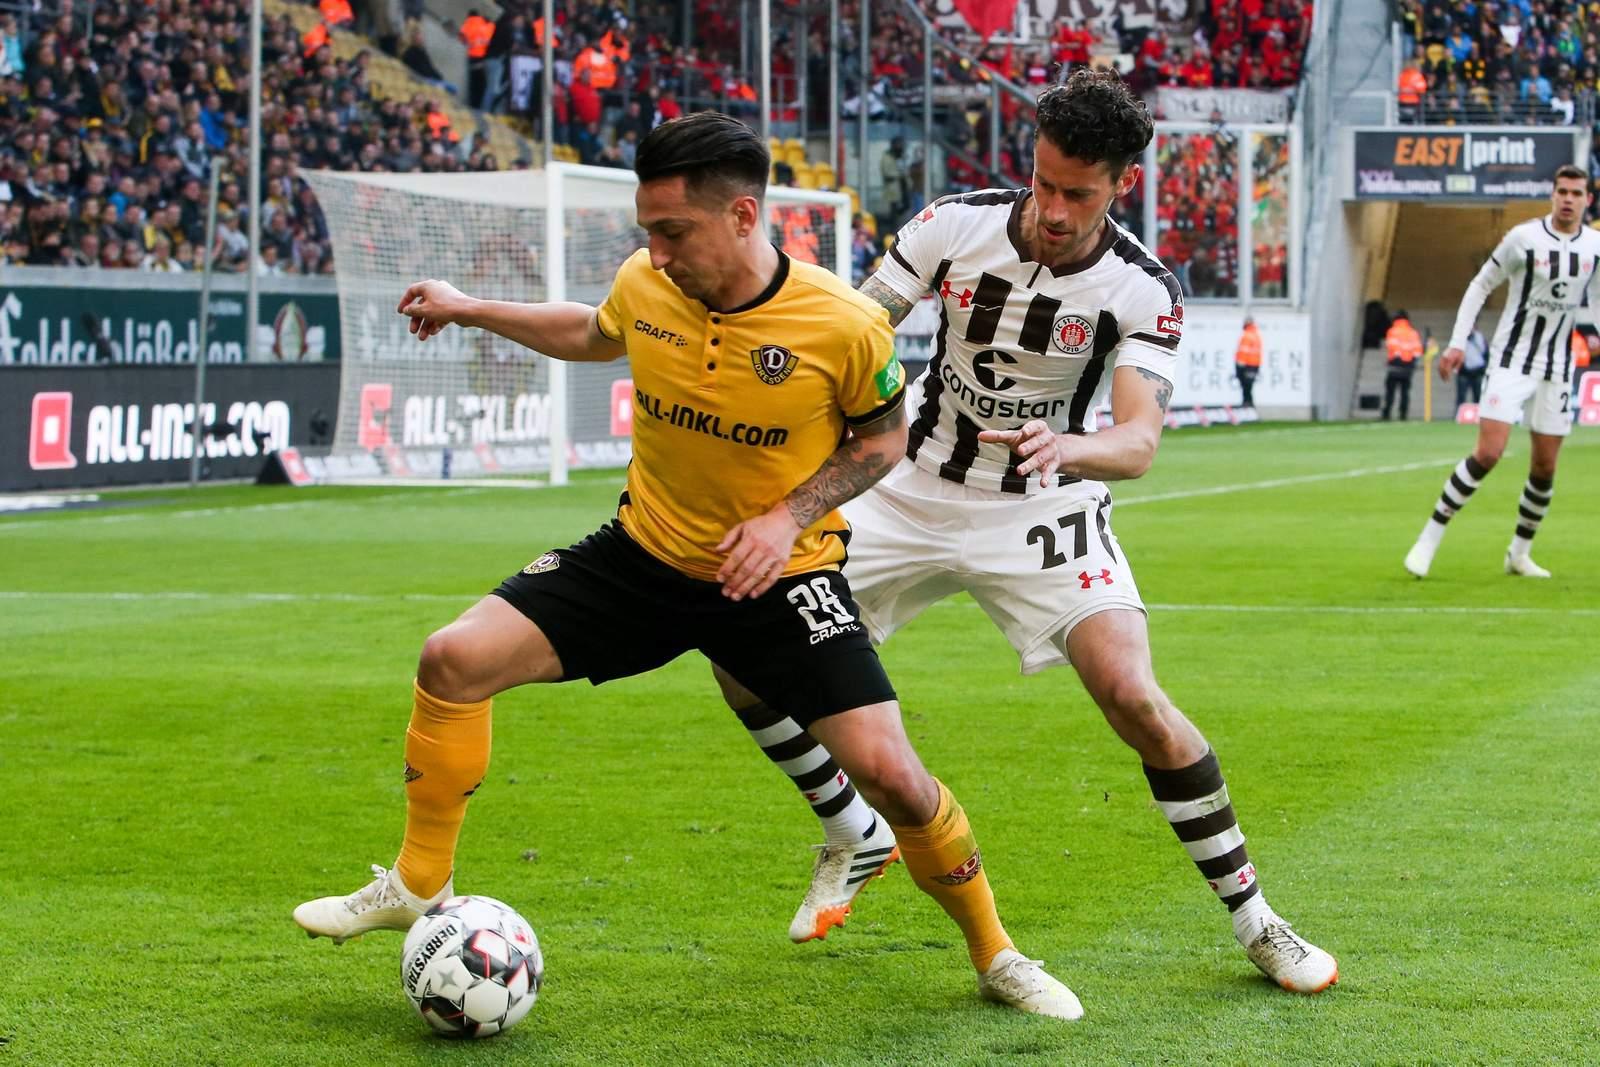 Baris Atik von Dynamo Dresden (l.) gegen St. Paulis jan-Philipp Kalla.